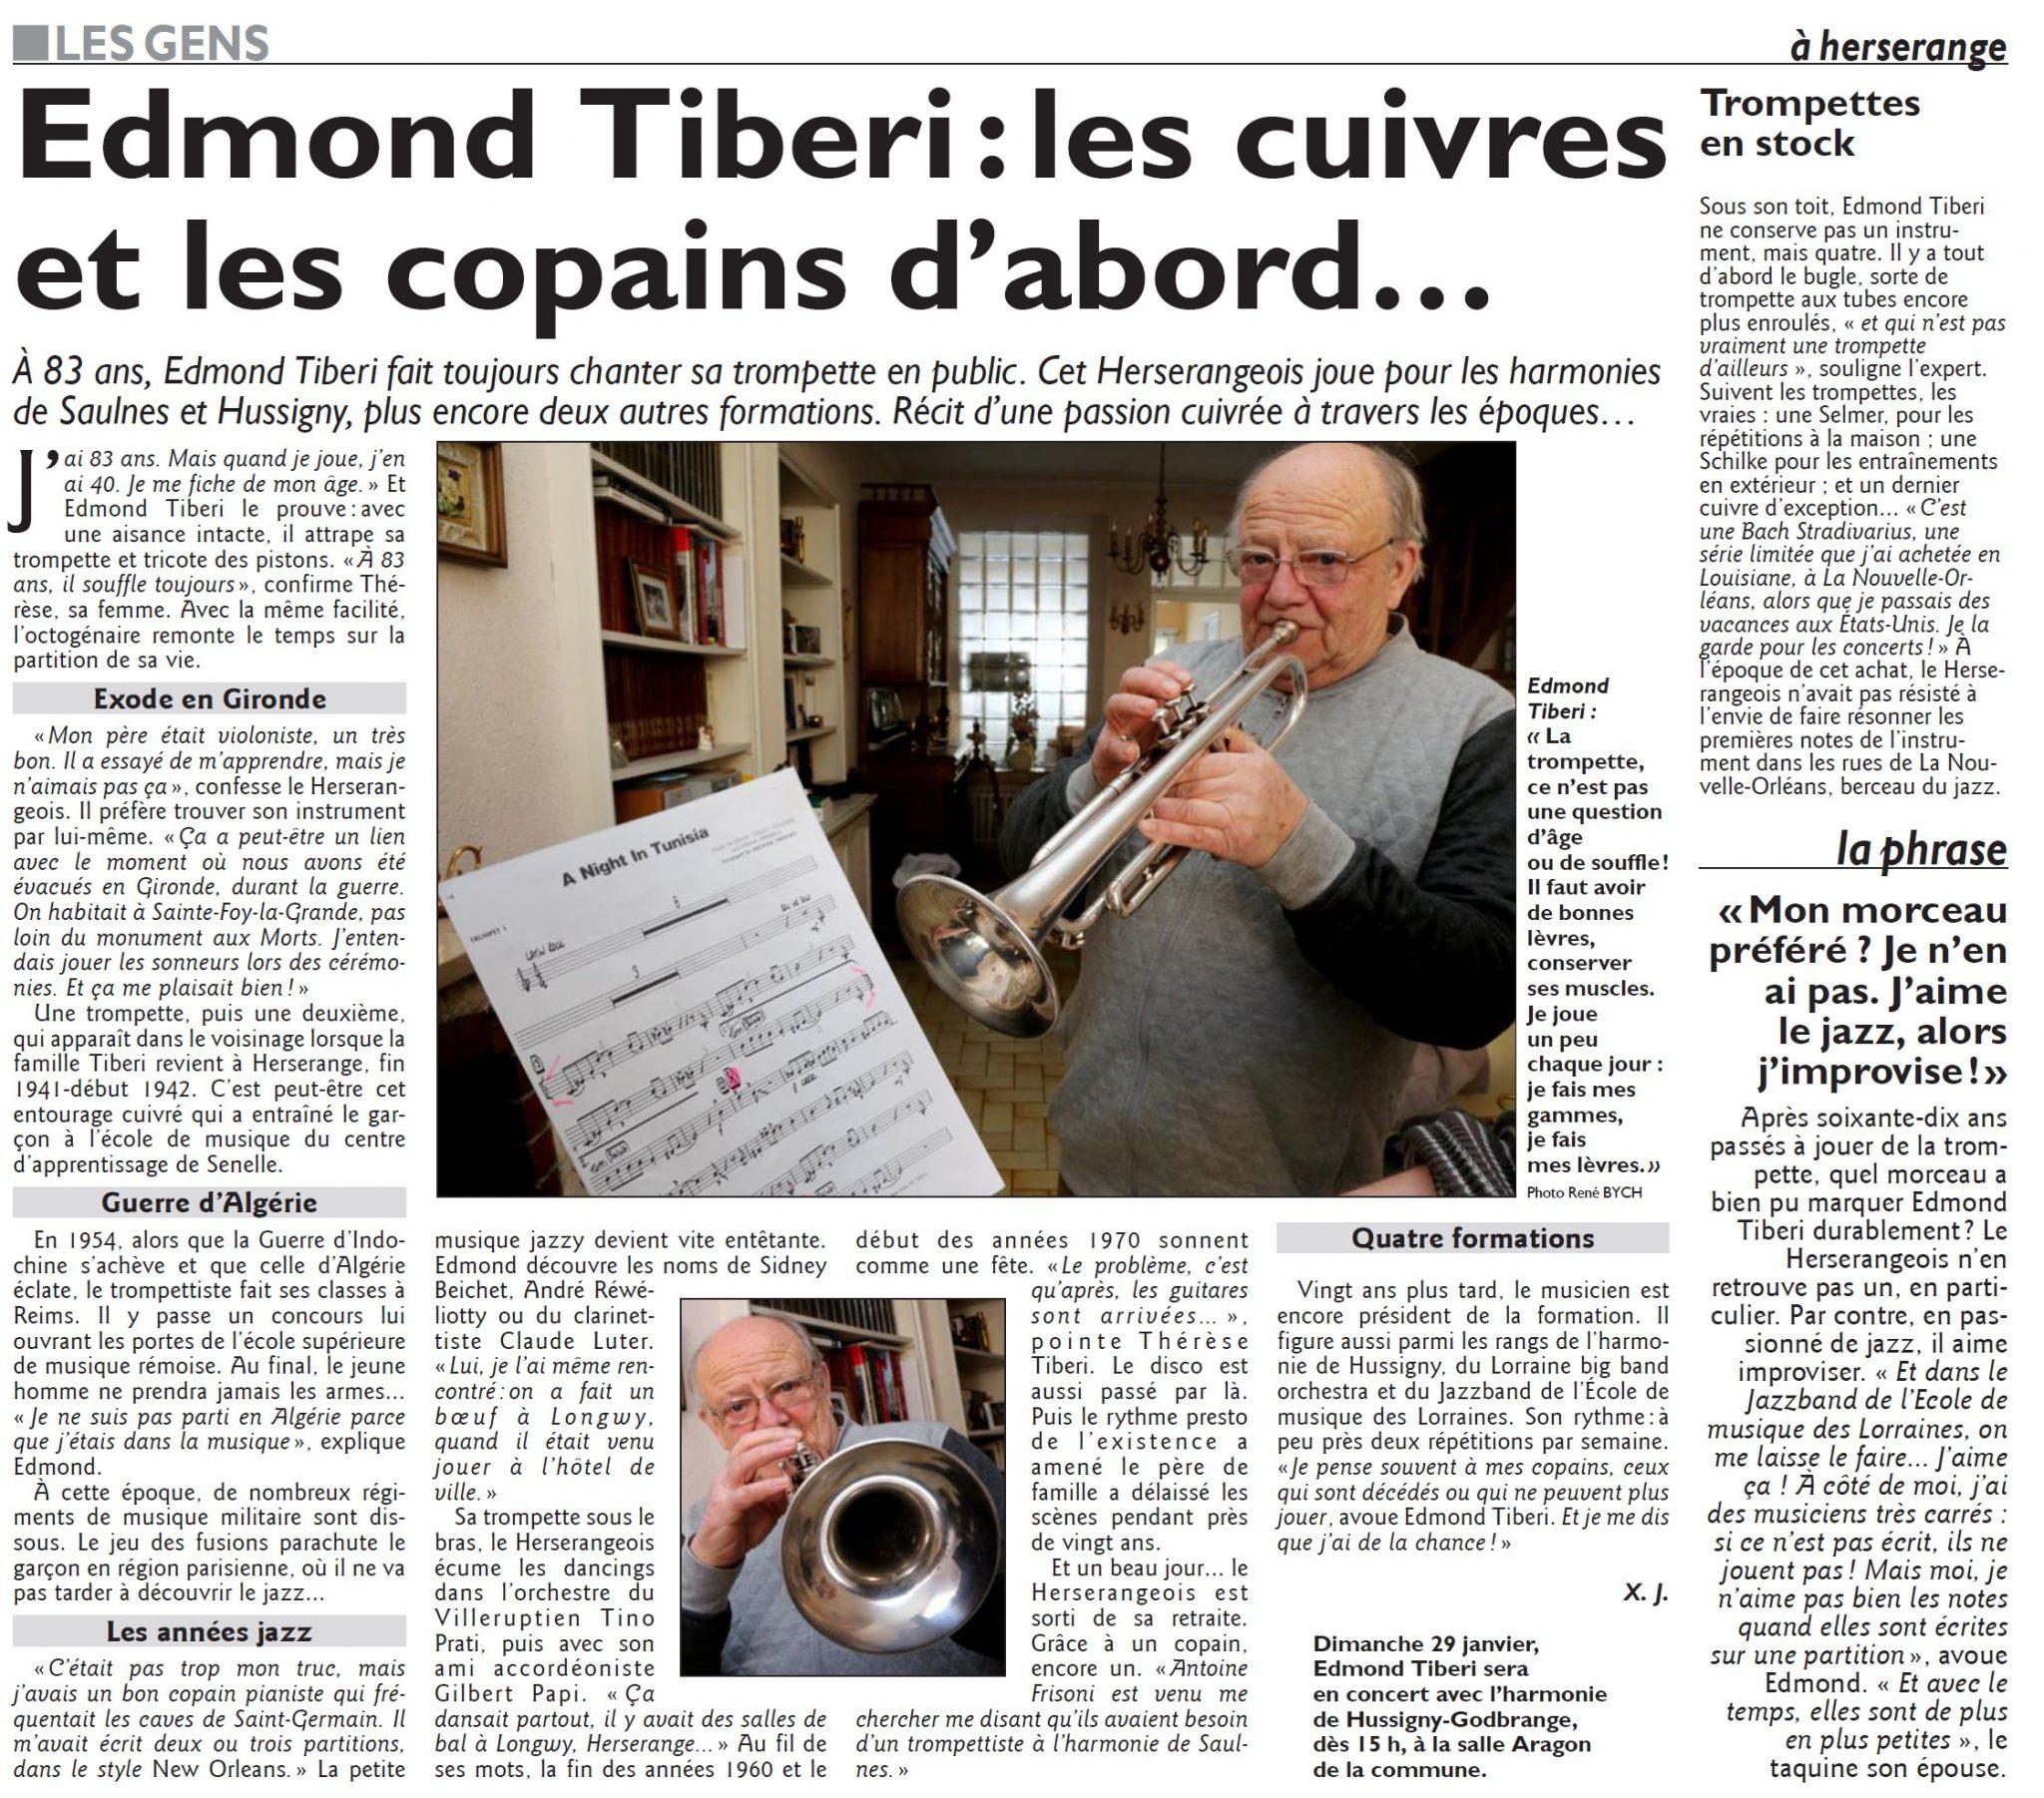 Edmond Tiberi : les cuivres et les copains d'abord…